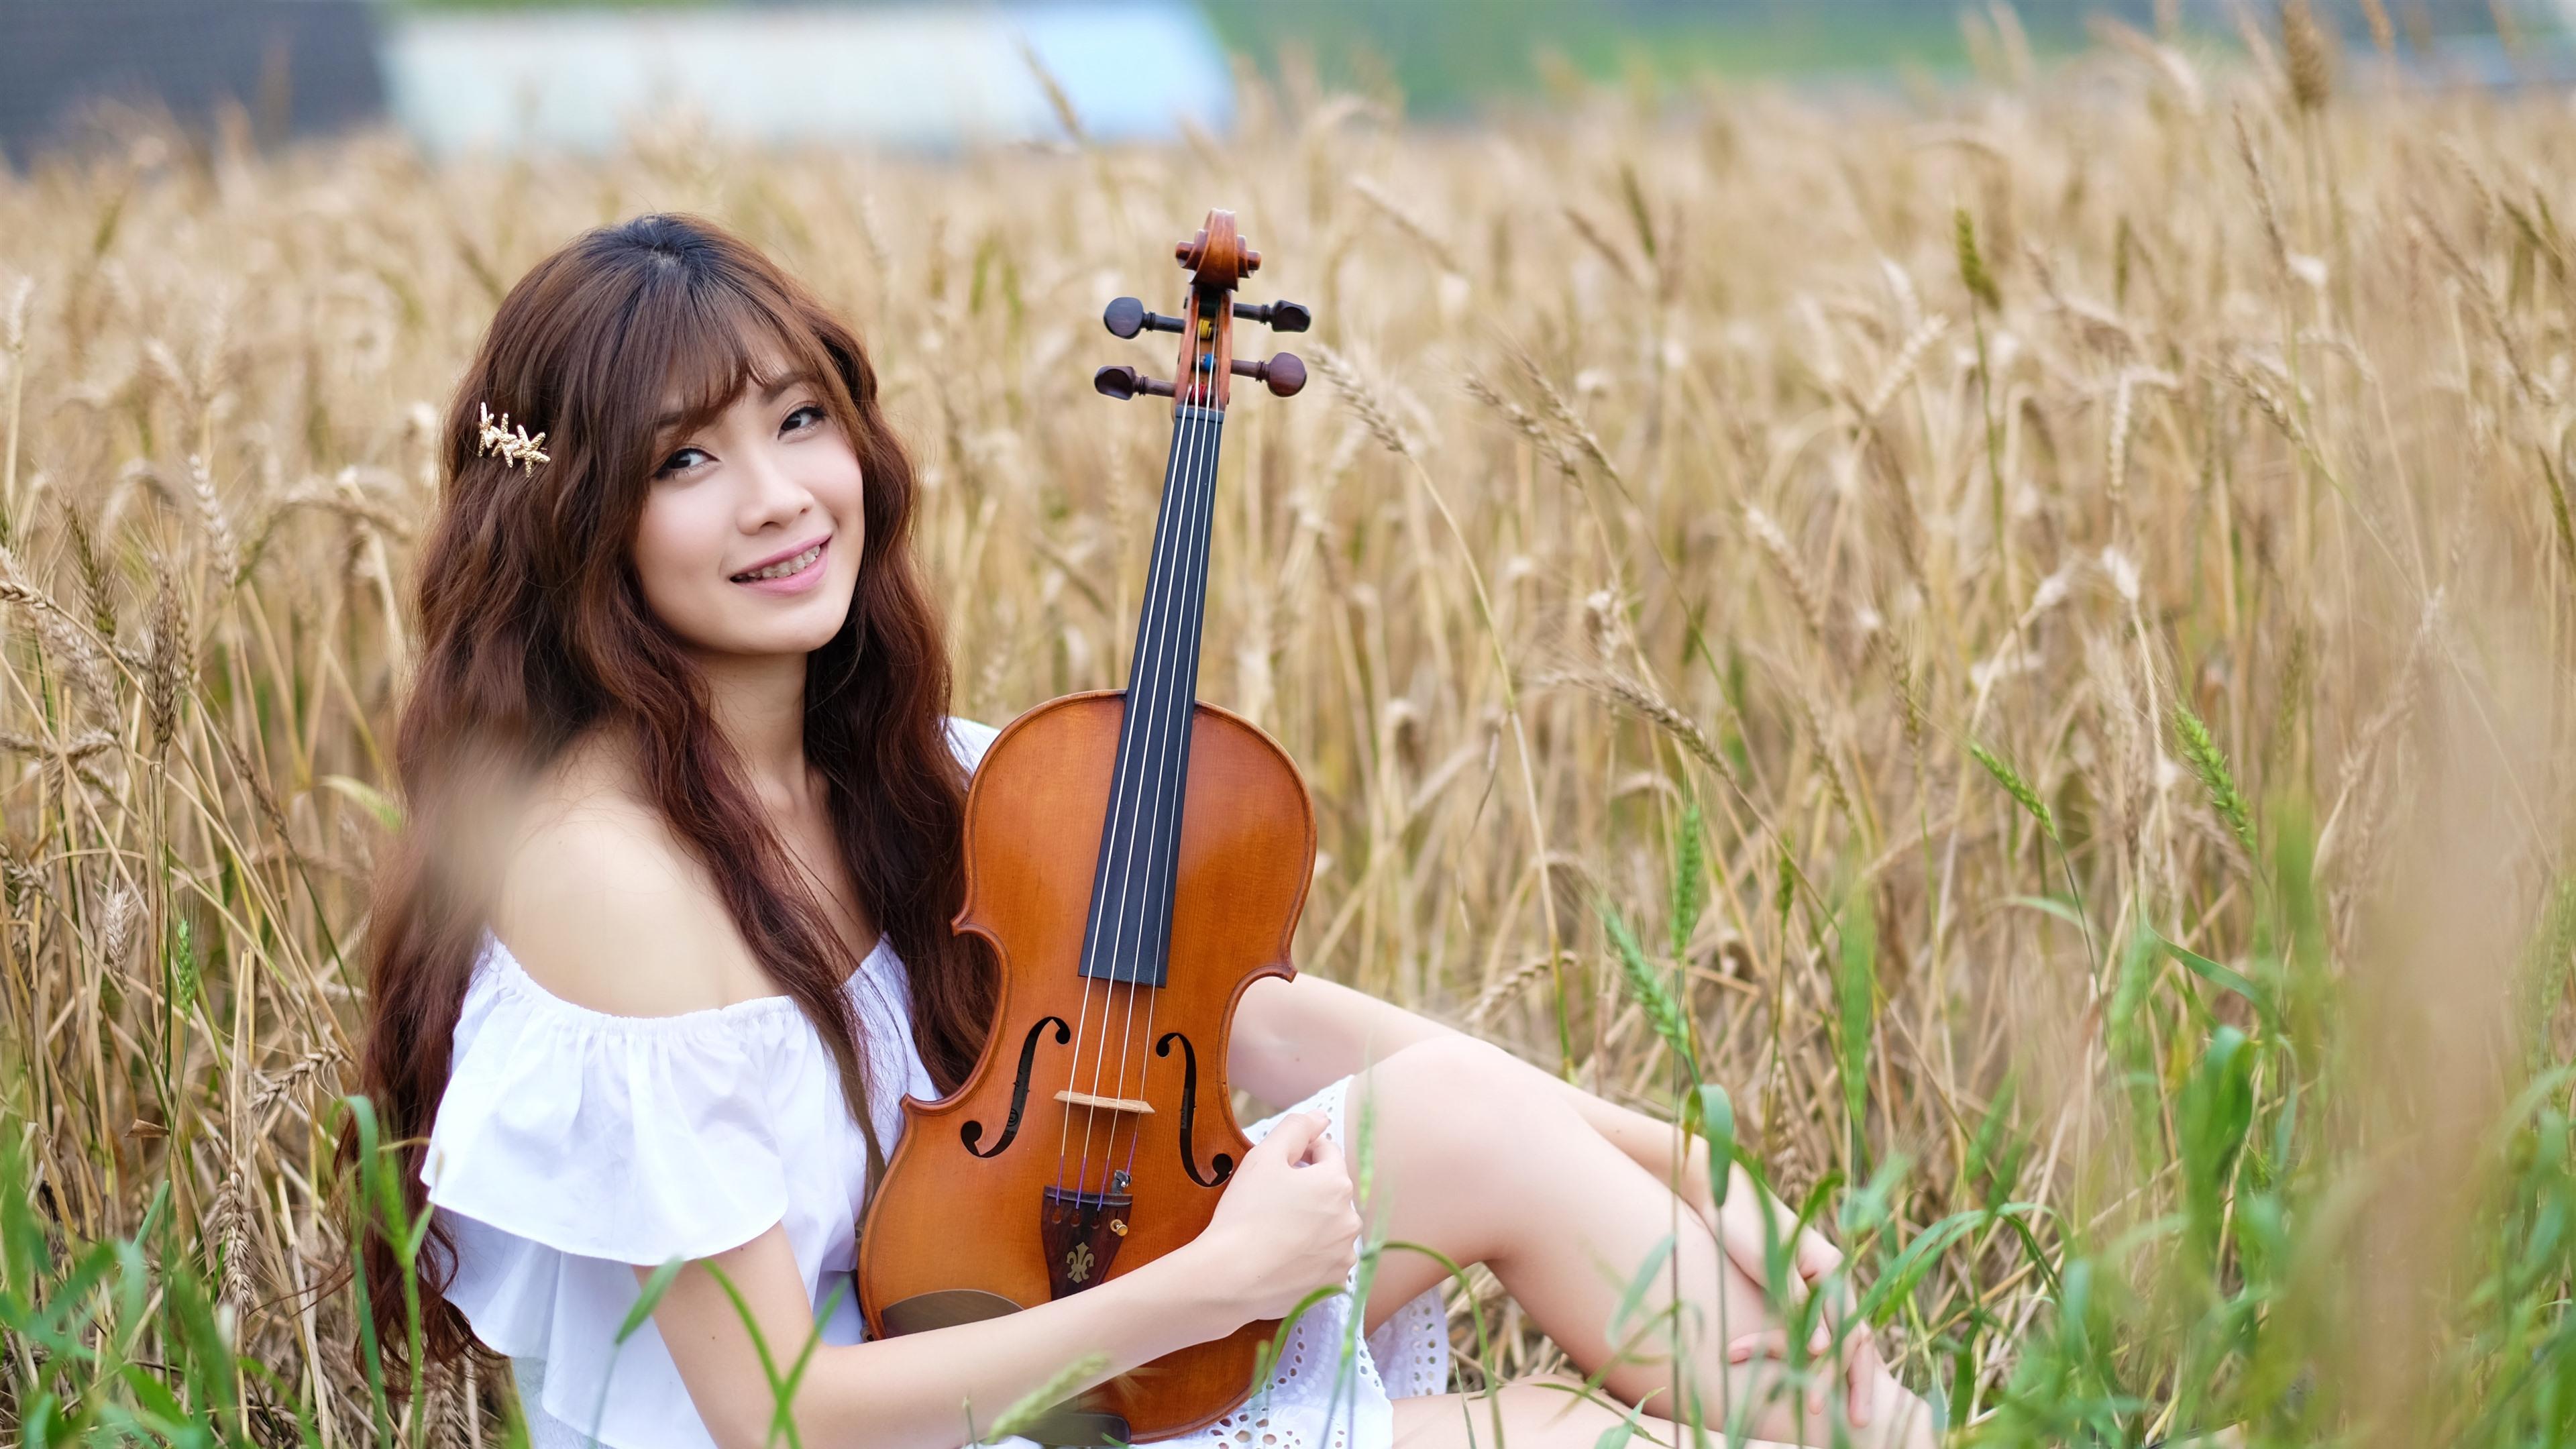 Фото Скрипки шатенки Улыбка Размытый фон молодая женщина Поля Азиаты Сидит смотрят 3840x2160 скрипка Шатенка улыбается боке девушка Девушки молодые женщины азиатки азиатка сидя сидящие Взгляд смотрит